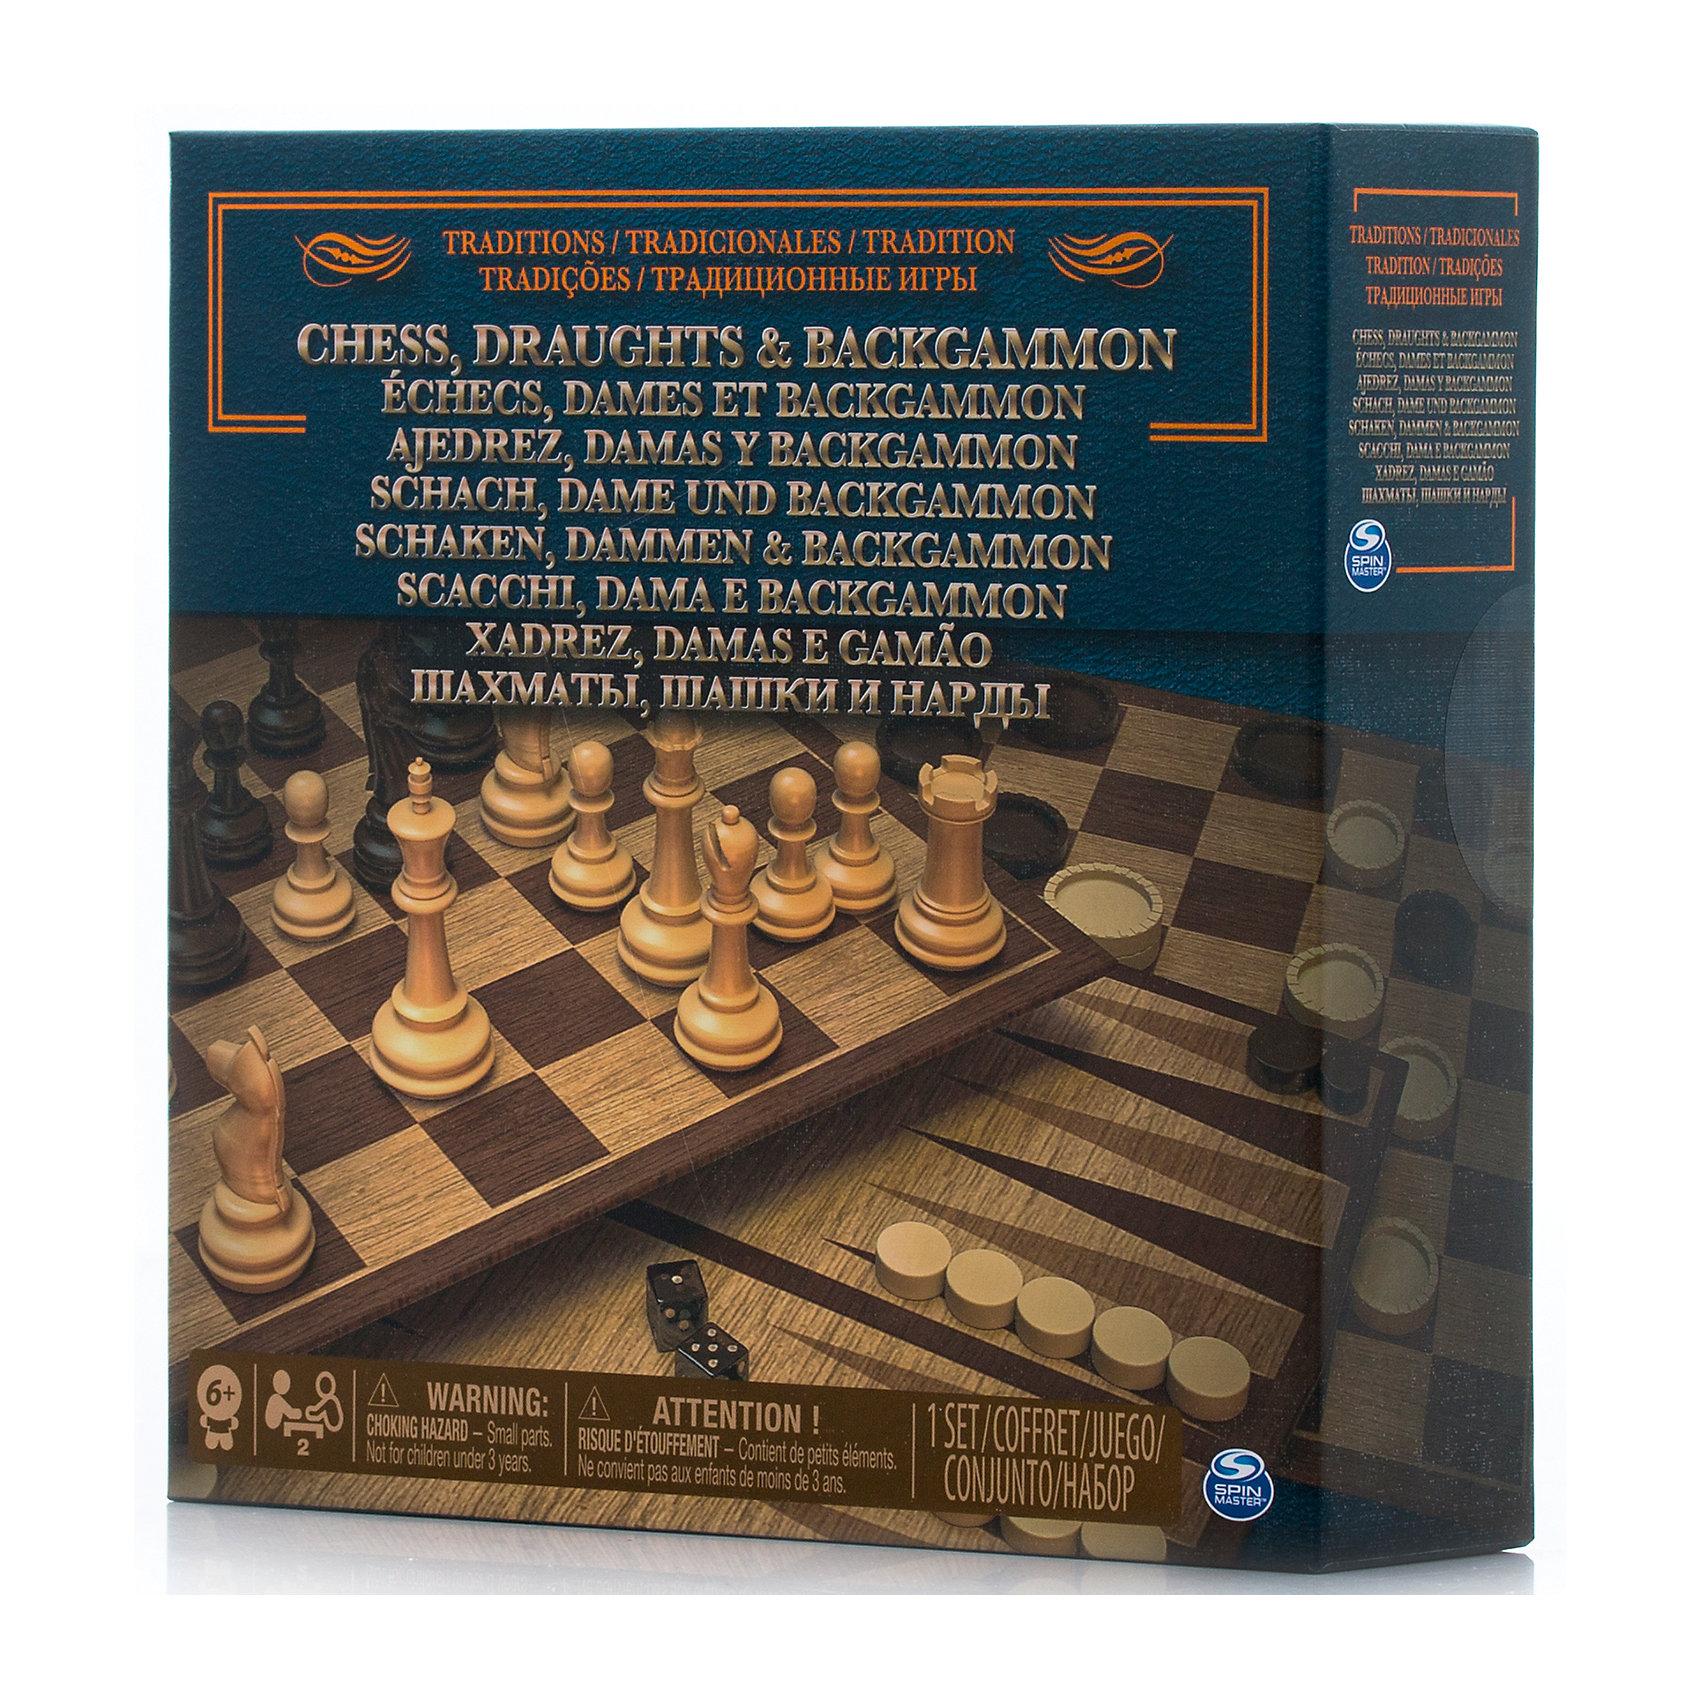 Набор 3-в-1 Шахматы, шашки, нарды, Spin MasterНастольные игры<br>Характеристики товара:<br><br>• возраст от 6 лет;<br>• материал: картон, пластик;<br>• в комплекте: игровое поле, фишки для шашек, нард, фигуры для шахмат, правила игры;<br>• размер игрового поля 34х34 см;<br>• размер упаковки 21х21х6 см;<br>• страна производитель: Китай.<br><br>Набор 3 в 1 «Шахматы, шашки, нарды» Spin Master позволит увлекательно и познавательно провести время в кругу семьи и друзей дома или в путешествии. В наборе необходимые атрибуты для 3 игр: шахматы, шашки и нарды. В процессе игры тренируются логическое, пространственное мышление, сообразительность.<br><br>Набор 3 в 1 «Шахматы, шашки, нарды» Spin Master можно приобрести в нашем интернет-магазине.<br><br>Ширина мм: 210<br>Глубина мм: 60<br>Высота мм: 210<br>Вес г: 488<br>Возраст от месяцев: 60<br>Возраст до месяцев: 2147483647<br>Пол: Унисекс<br>Возраст: Детский<br>SKU: 6728766